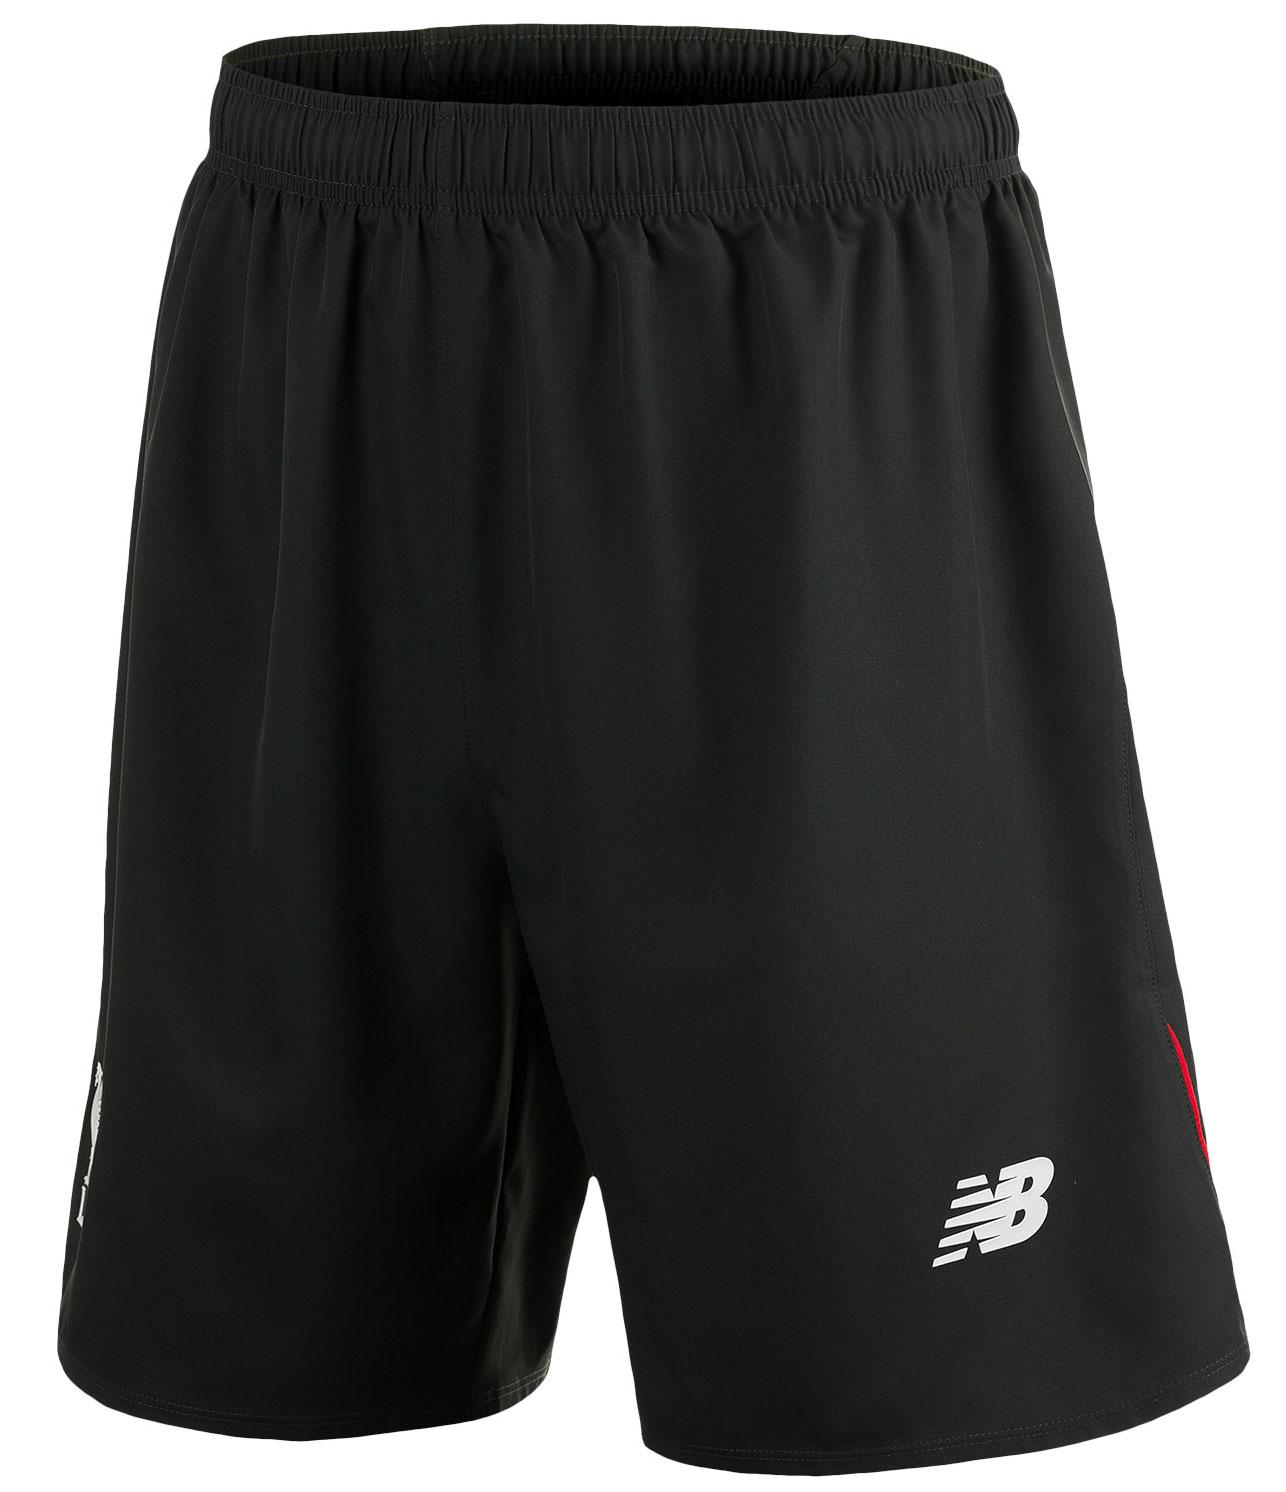 Liverpool 3:e Shorts 2015/16